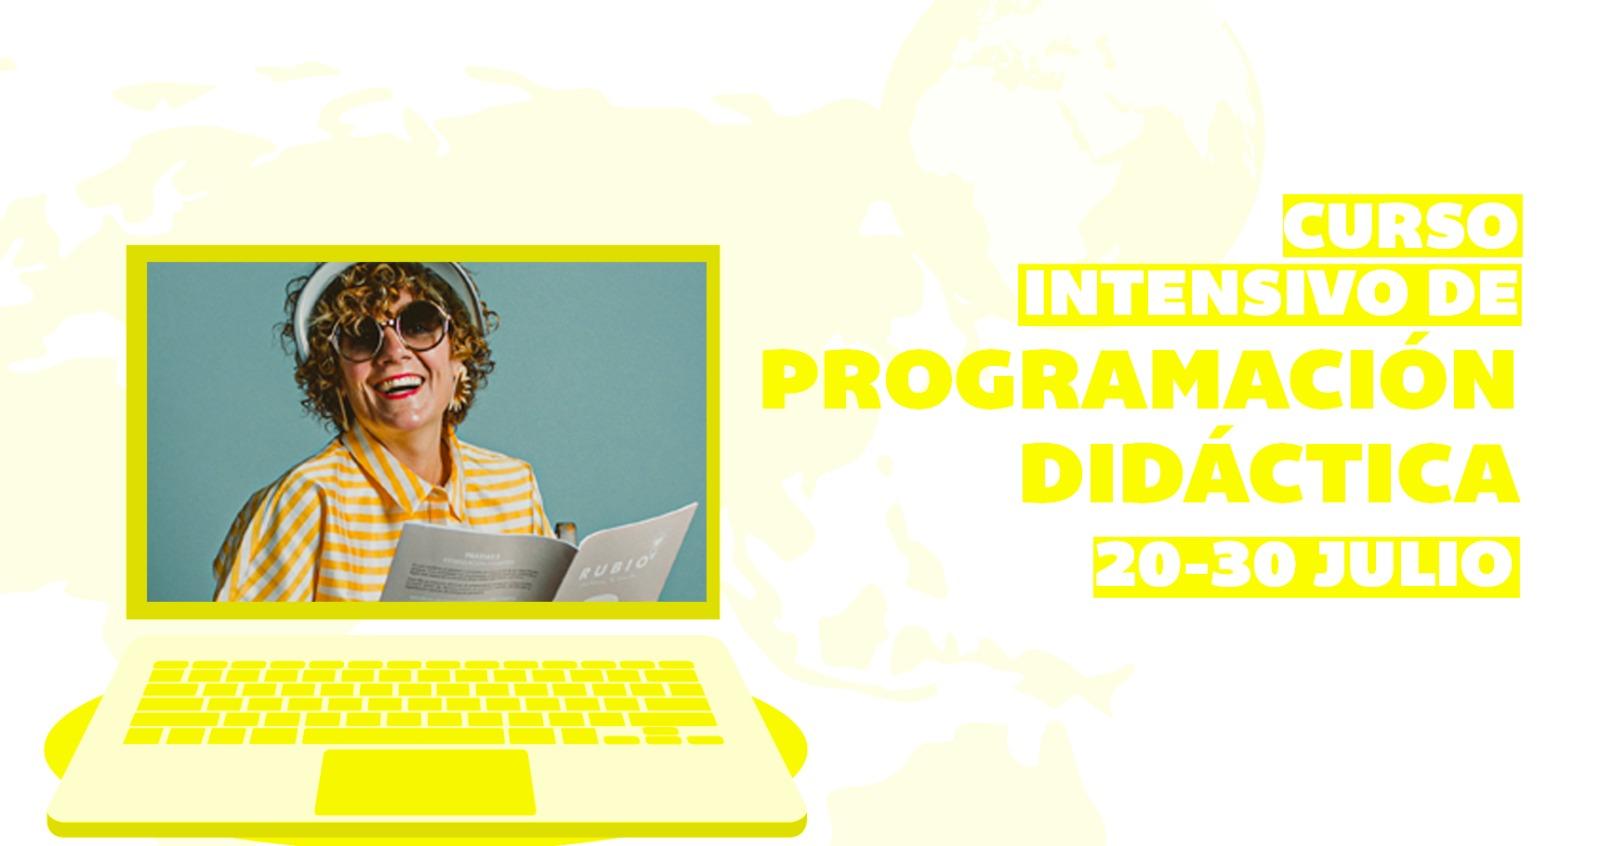 programacion_jul20